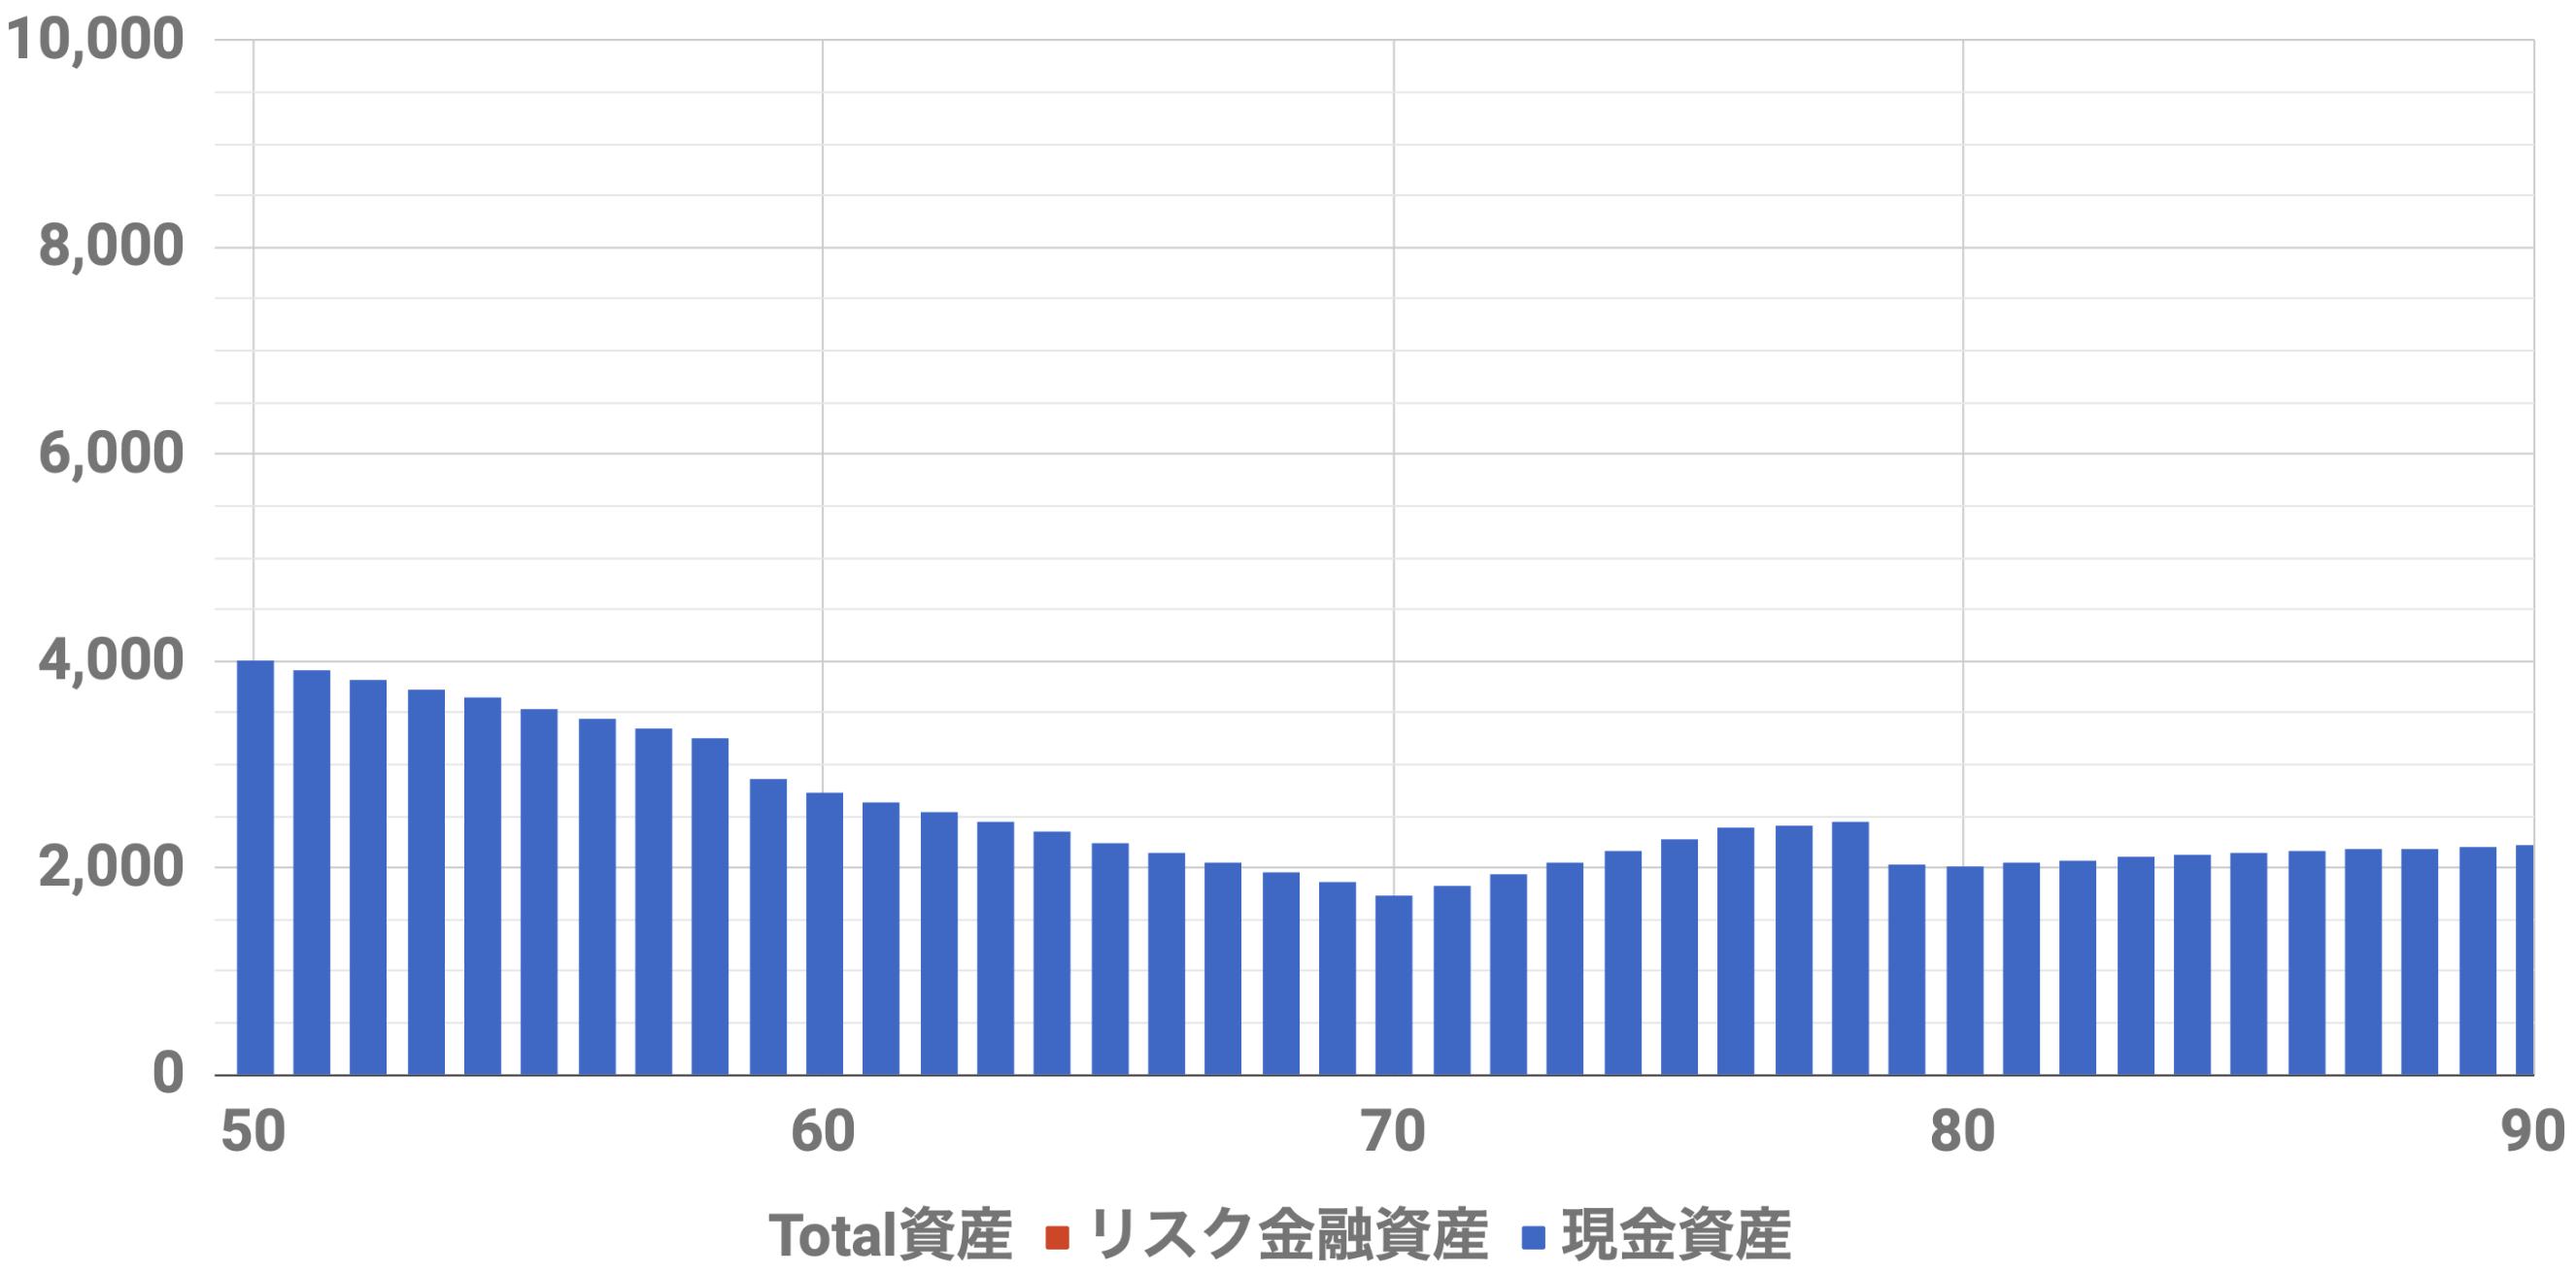 50歳4000万資産シミュレーション(Level1)インフレ率2%